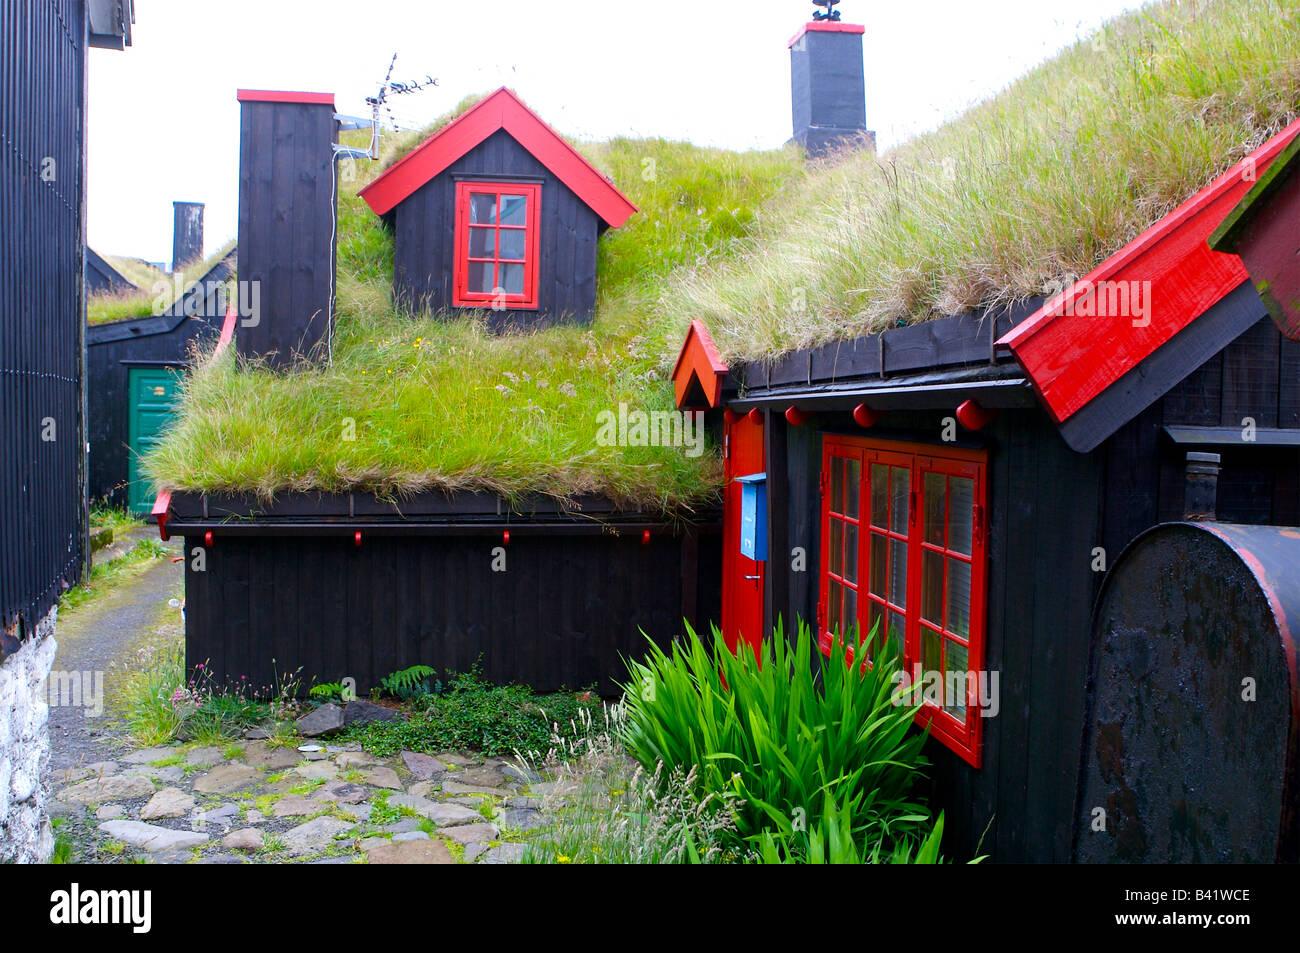 L'isolation de la toiture, chalet toop sous la forme d'herbe et le gazon - Iles Feroe Banque D'Images